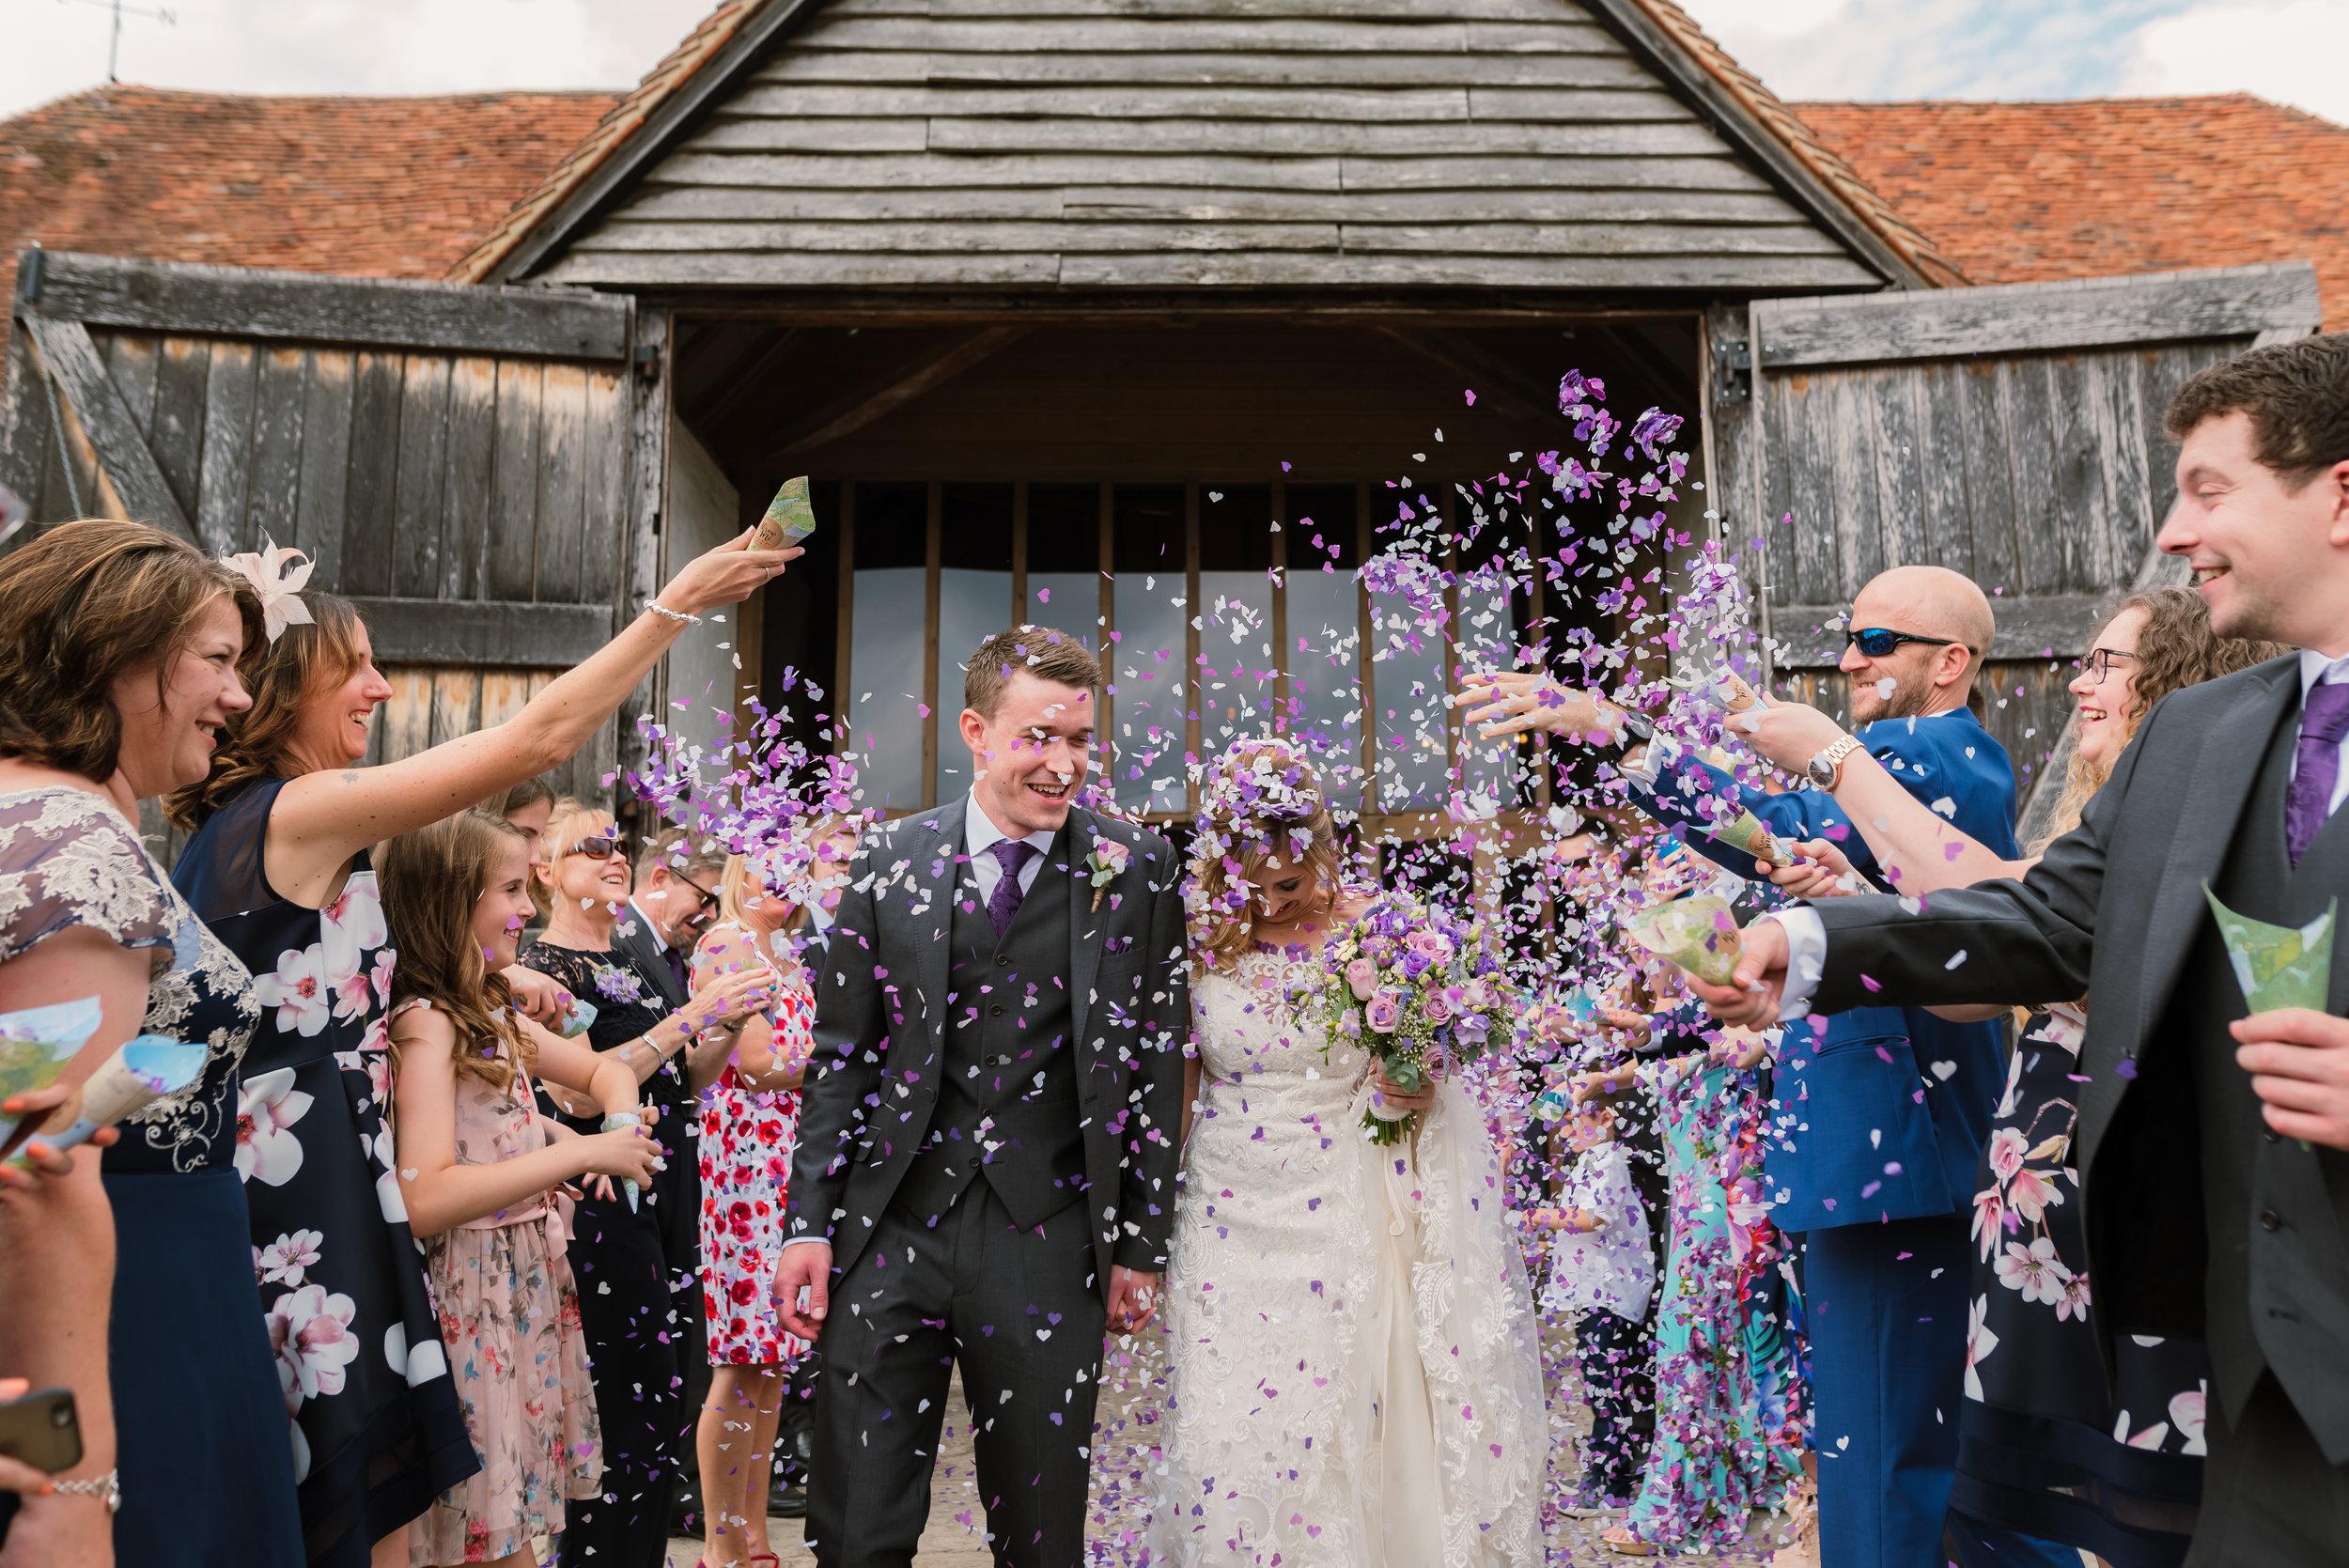 Hampshire Wedding Photographer Hampshire : Ufton-Court-Wedding : Barn-wedding-venue-hampshire : sarah-fishlock-photography : hampshire-barn-wedding-610.jpg